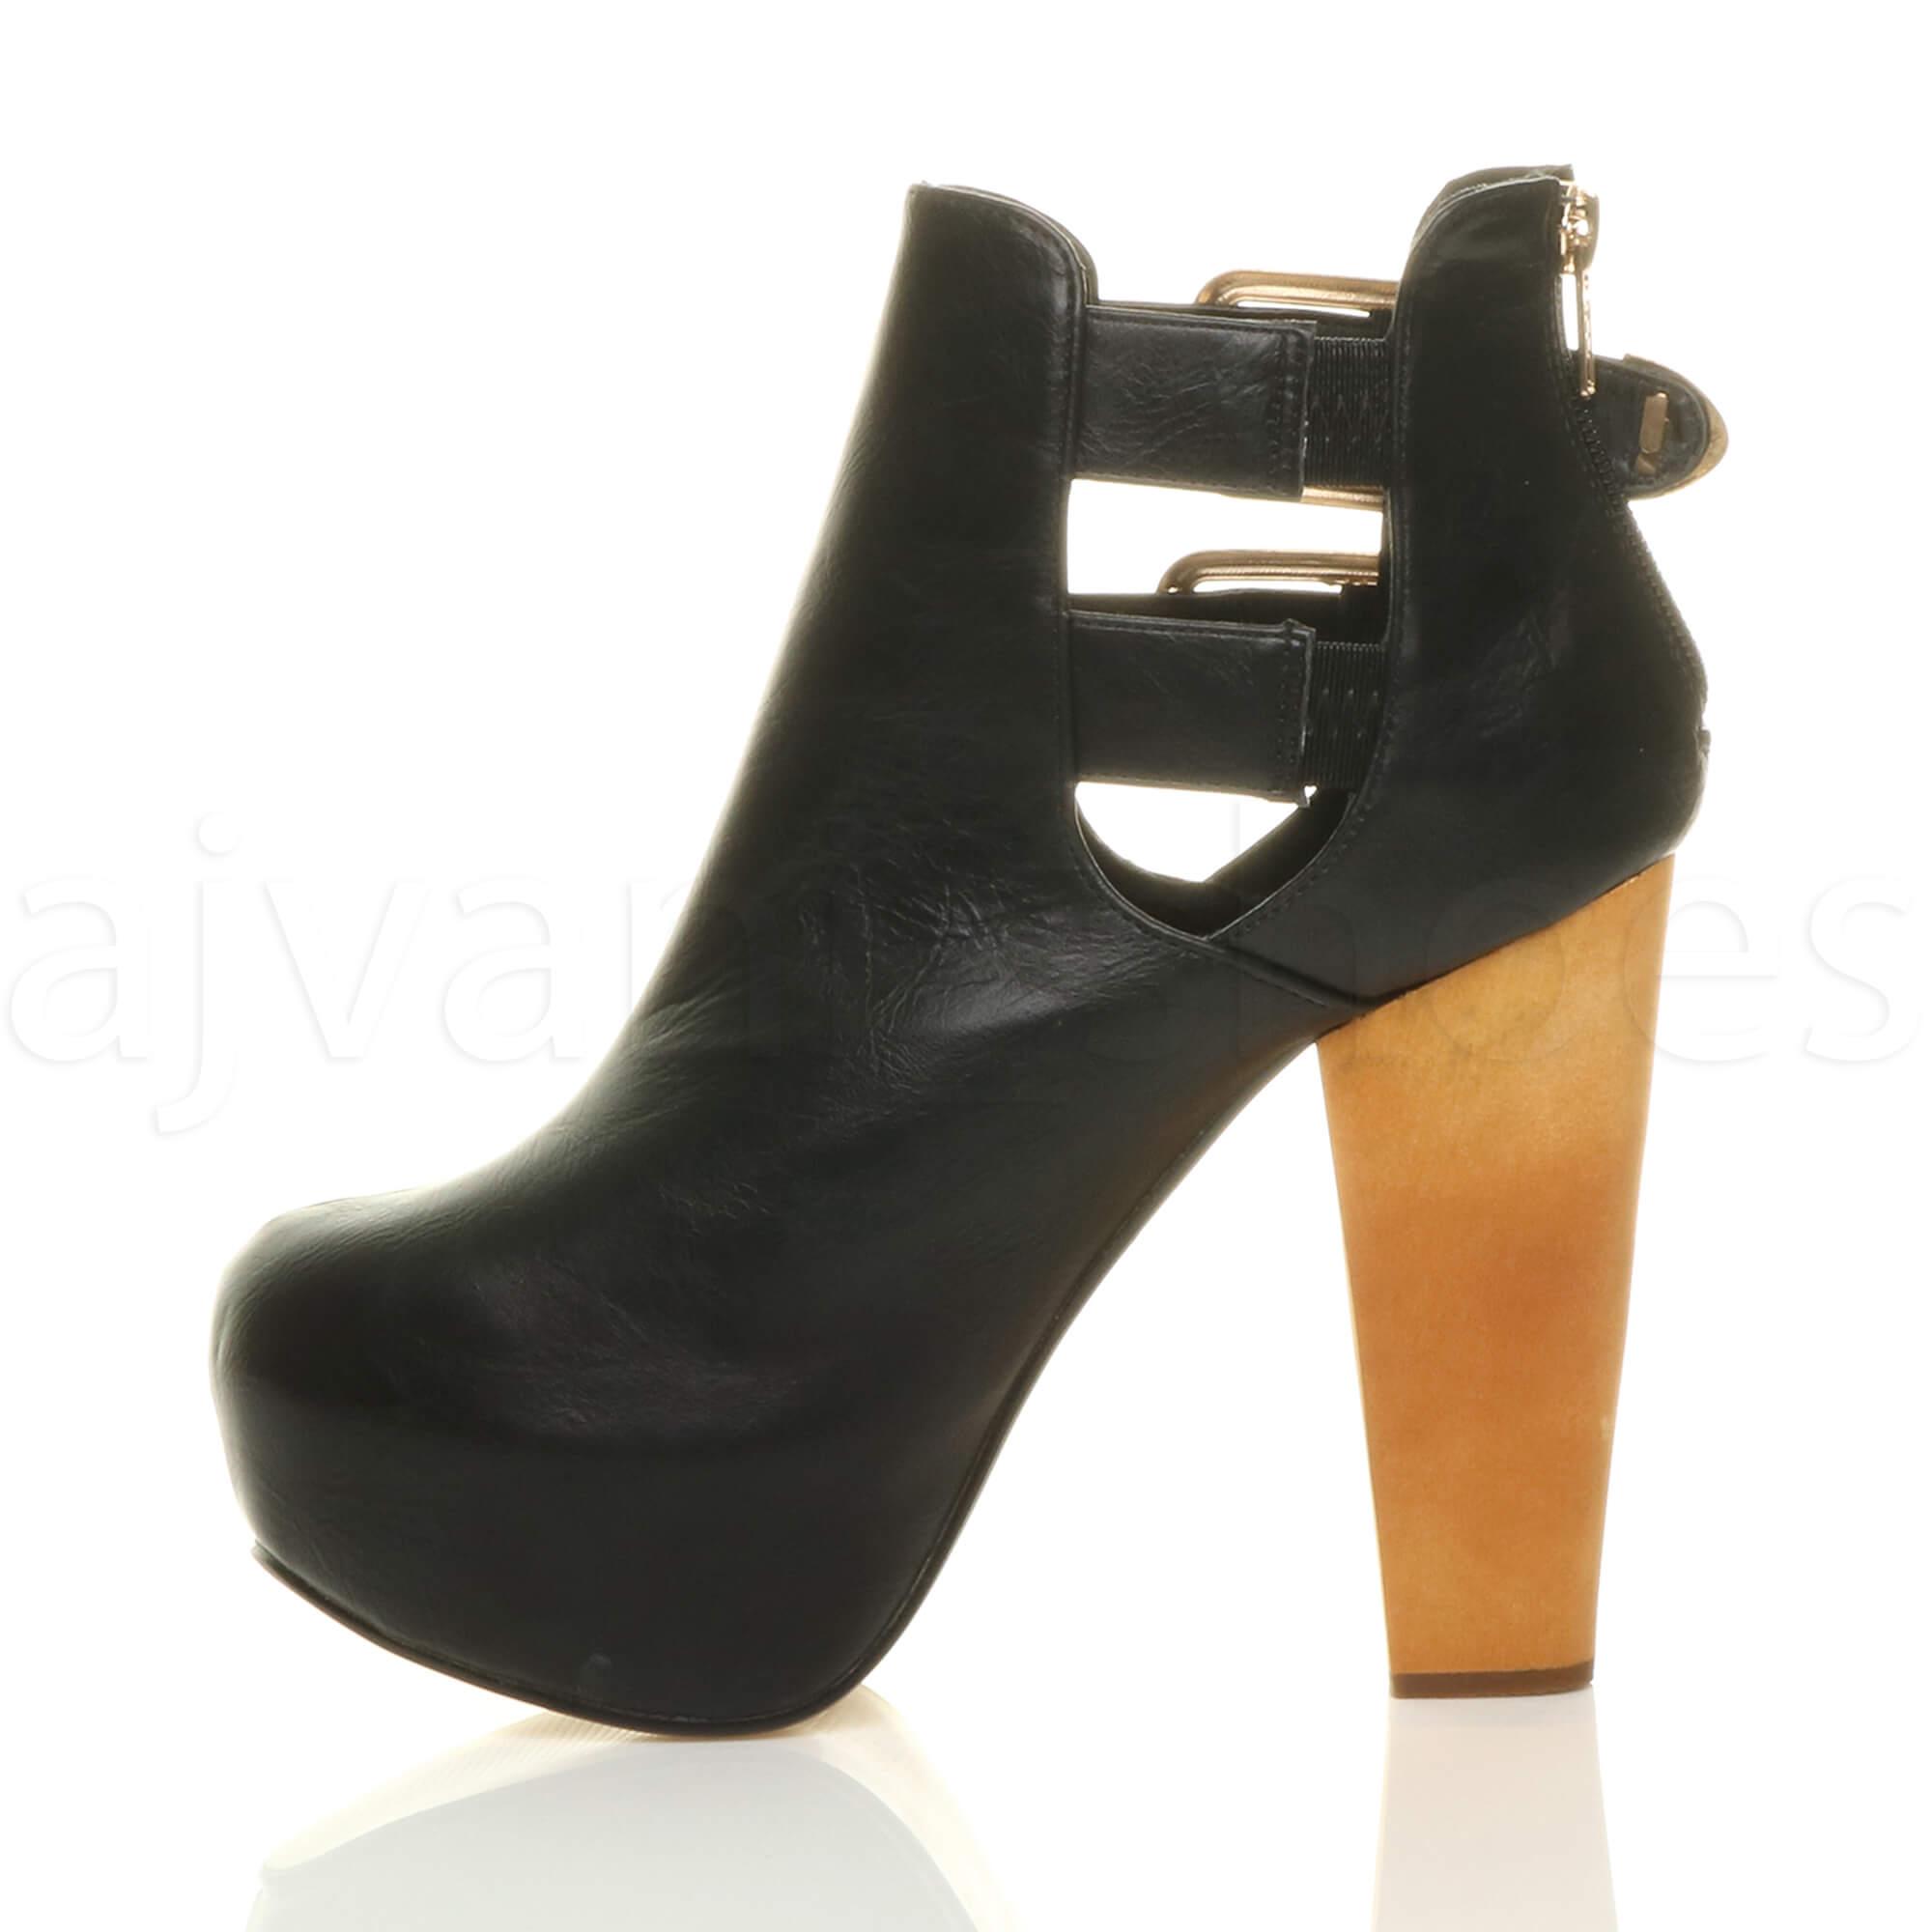 77521782994 Womens ladies wooden block high heel platform lace up zip party ...